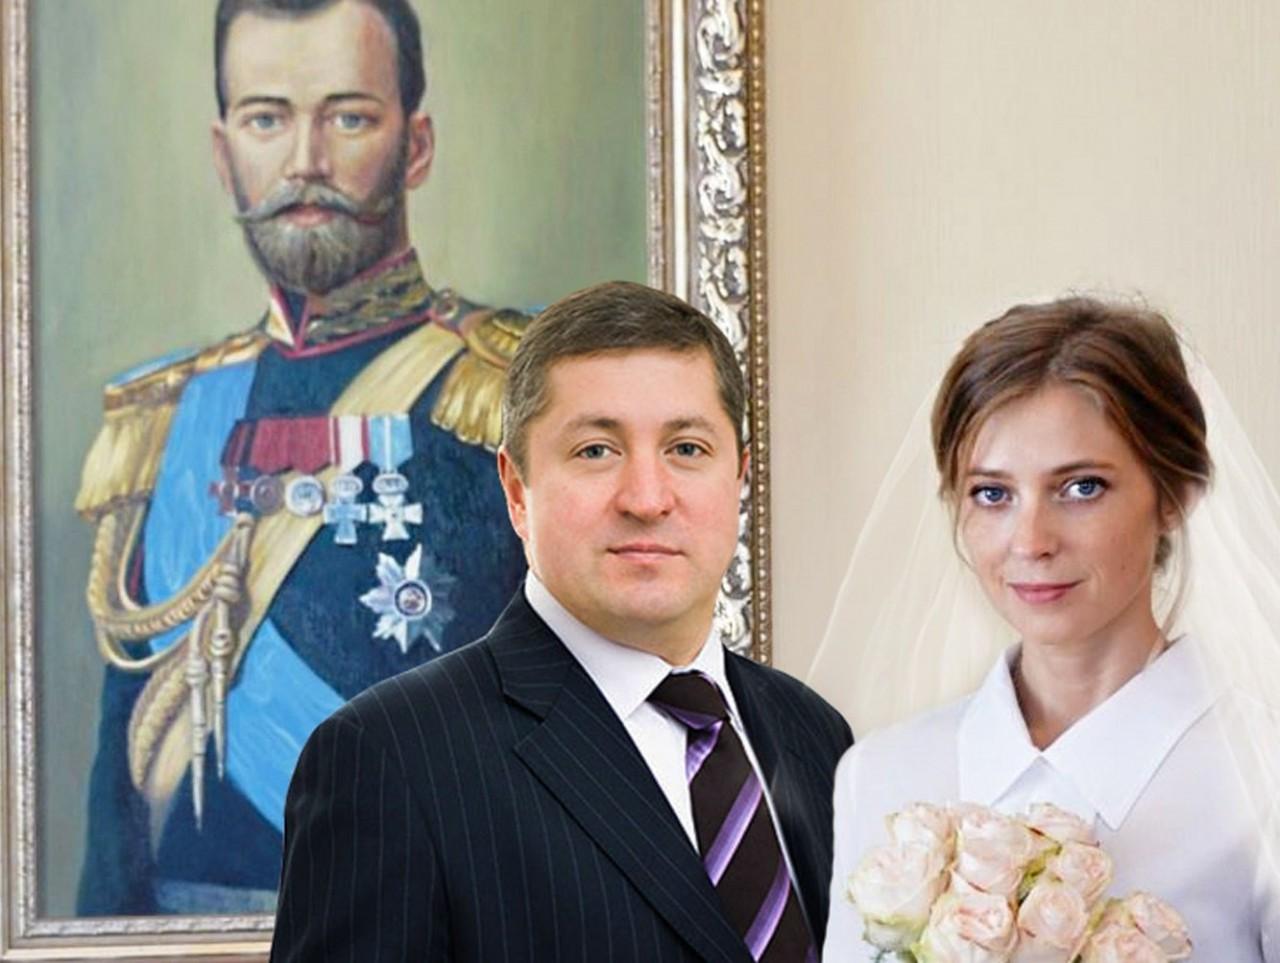 Наталья Поклонская с мужем ответили стихами Макаревичу на высказывание о Крыме